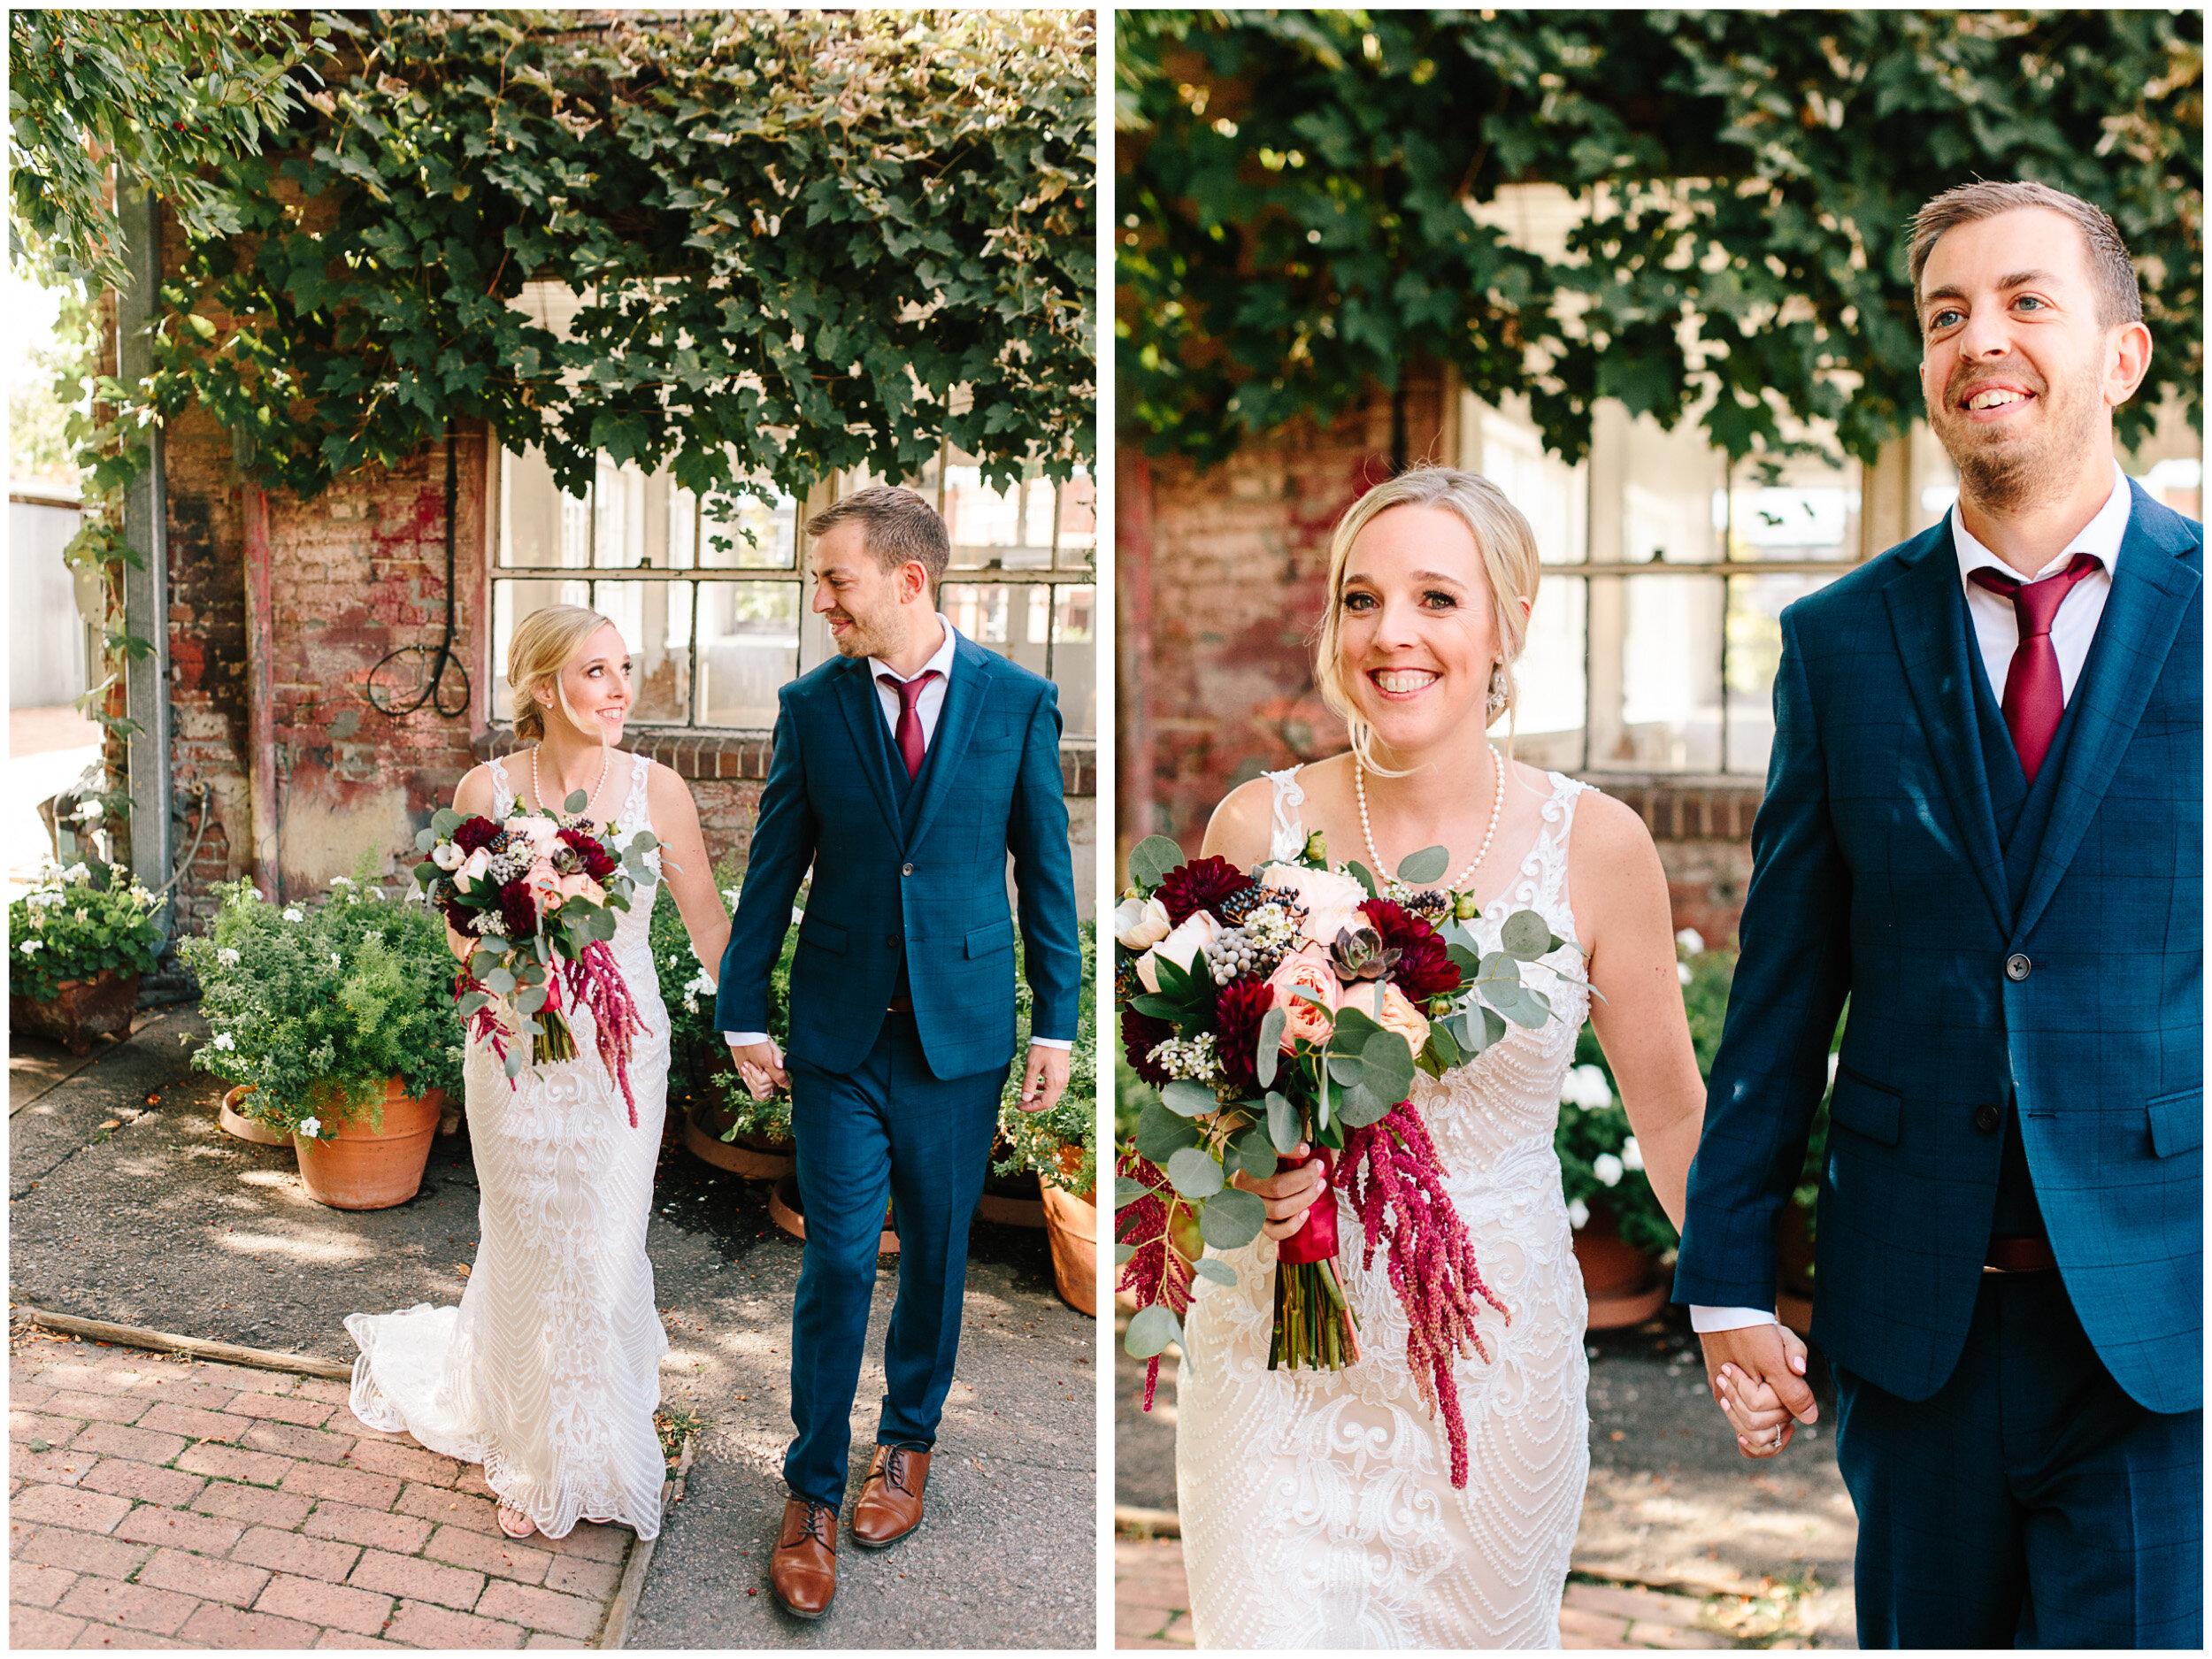 Blanc_Denver_Wedding_26.jpg